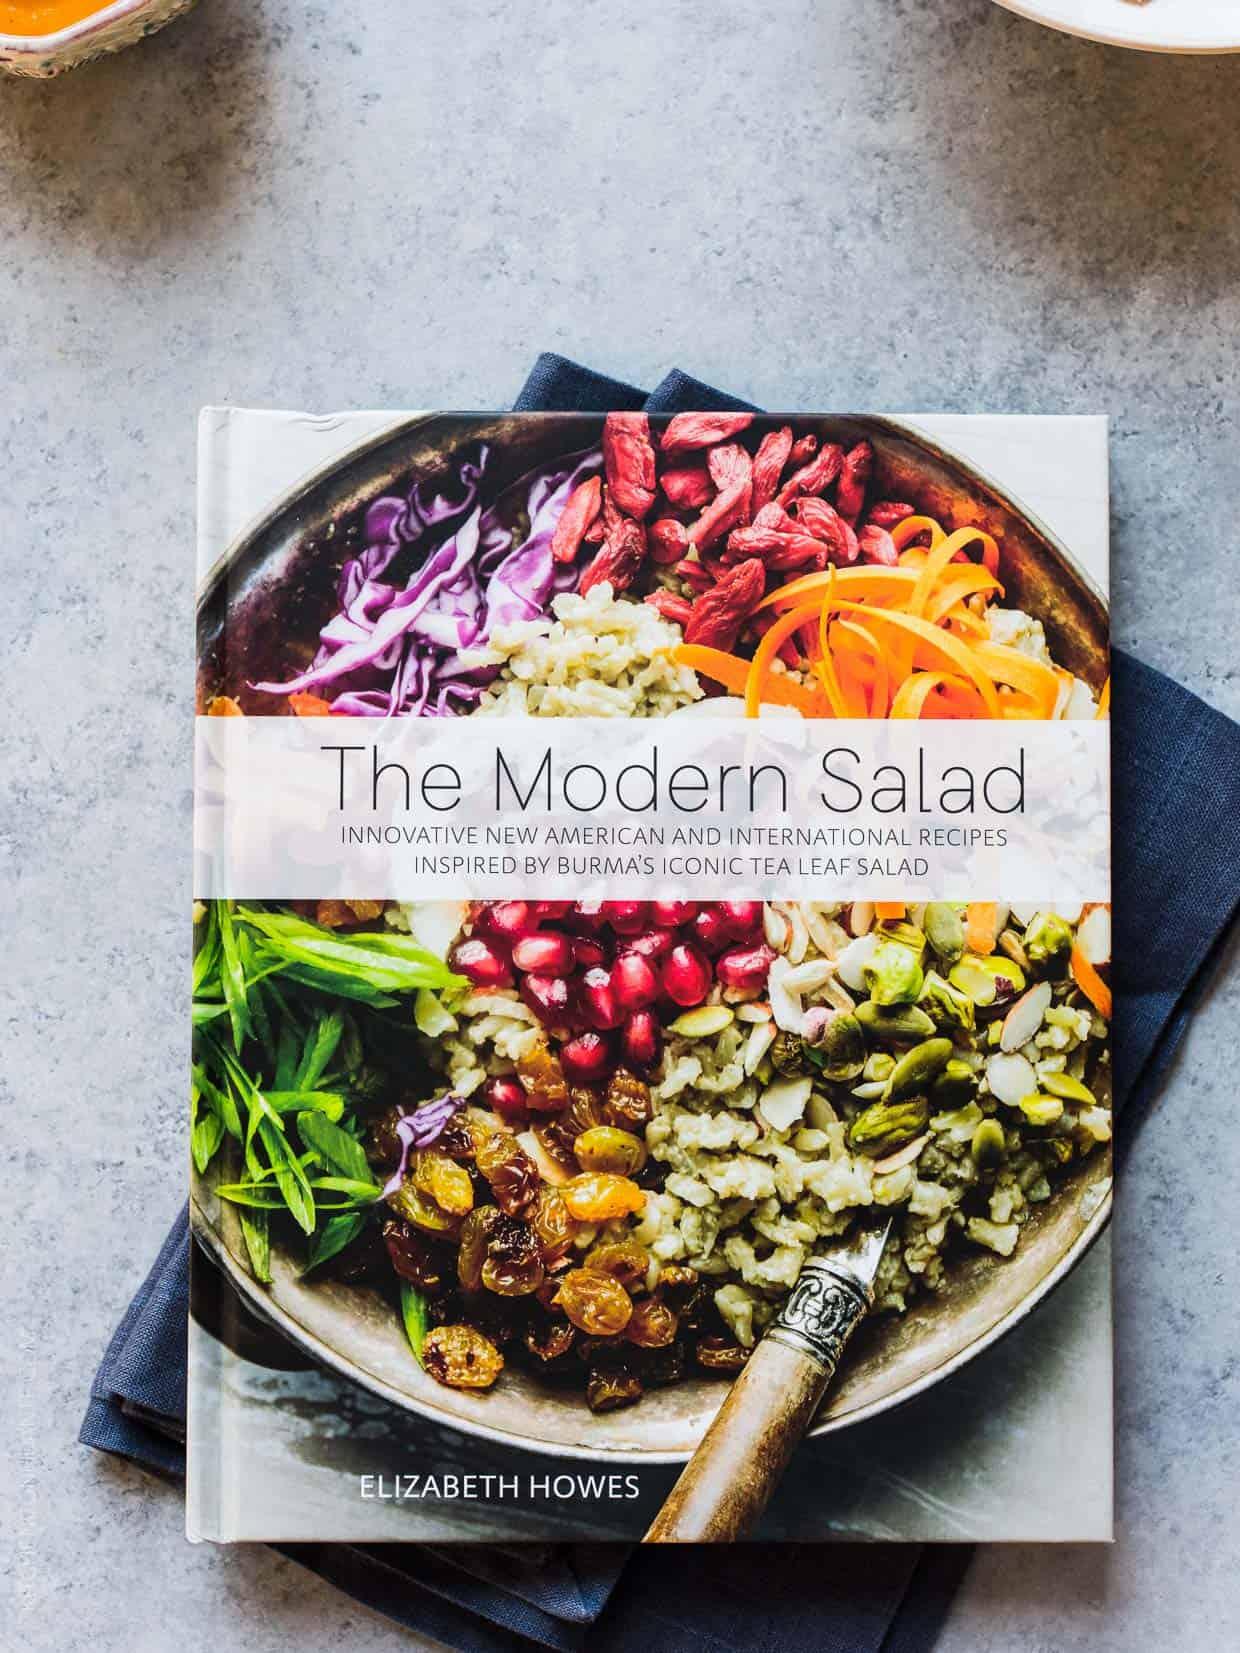 The Modern Salad cookbook by Elizabeth Howes.